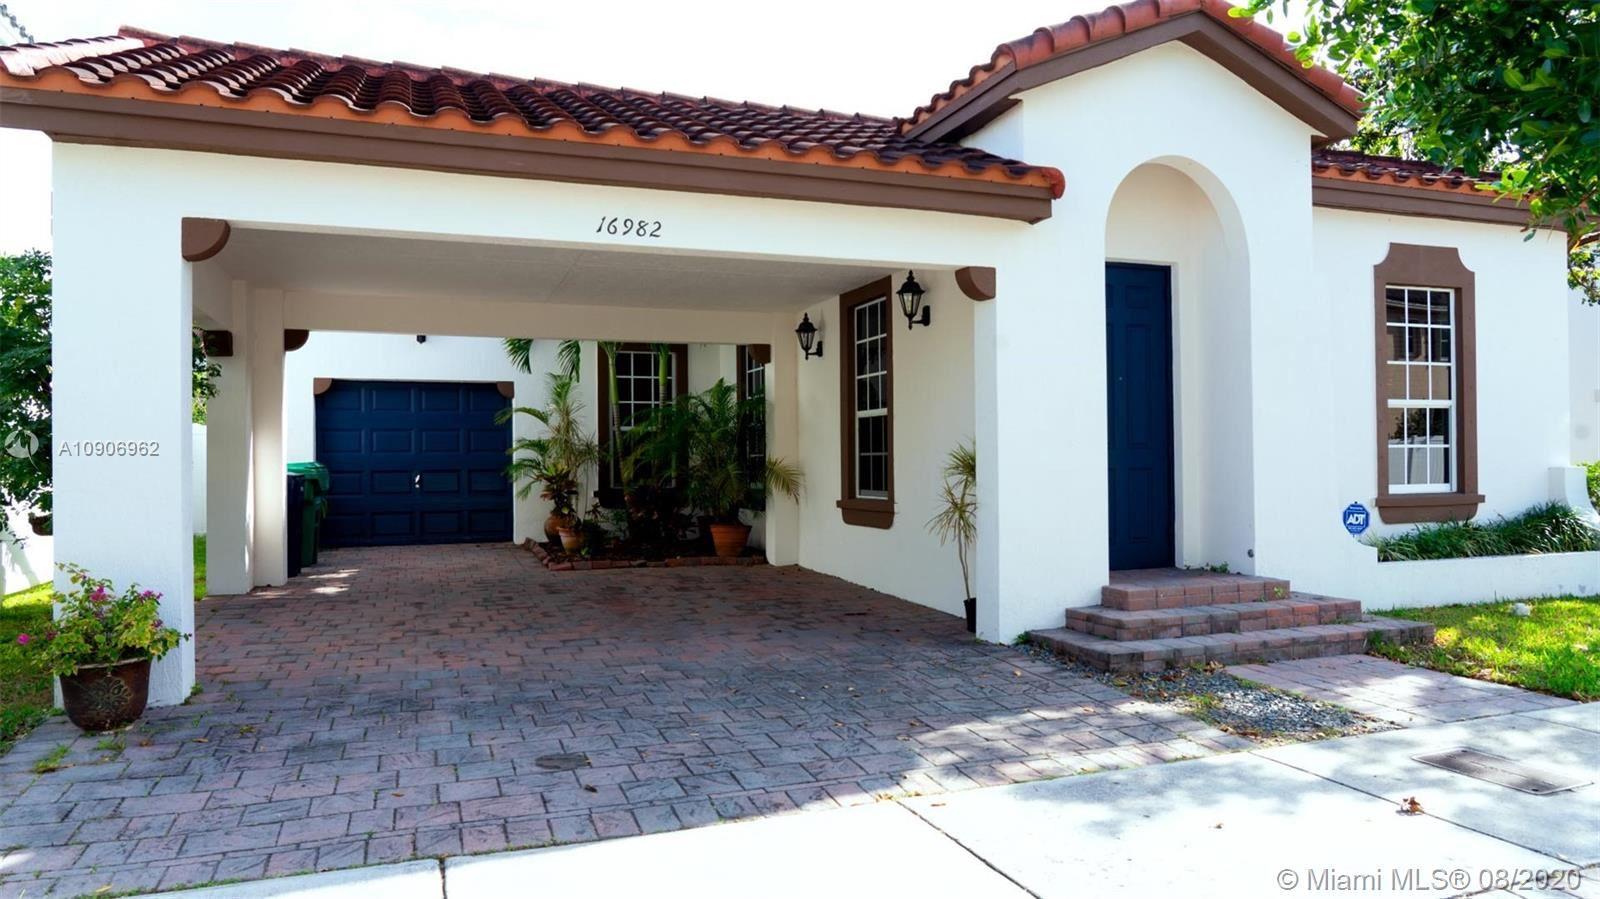 16982 SW 92nd St, Miami, FL 33196 - #: A10906962